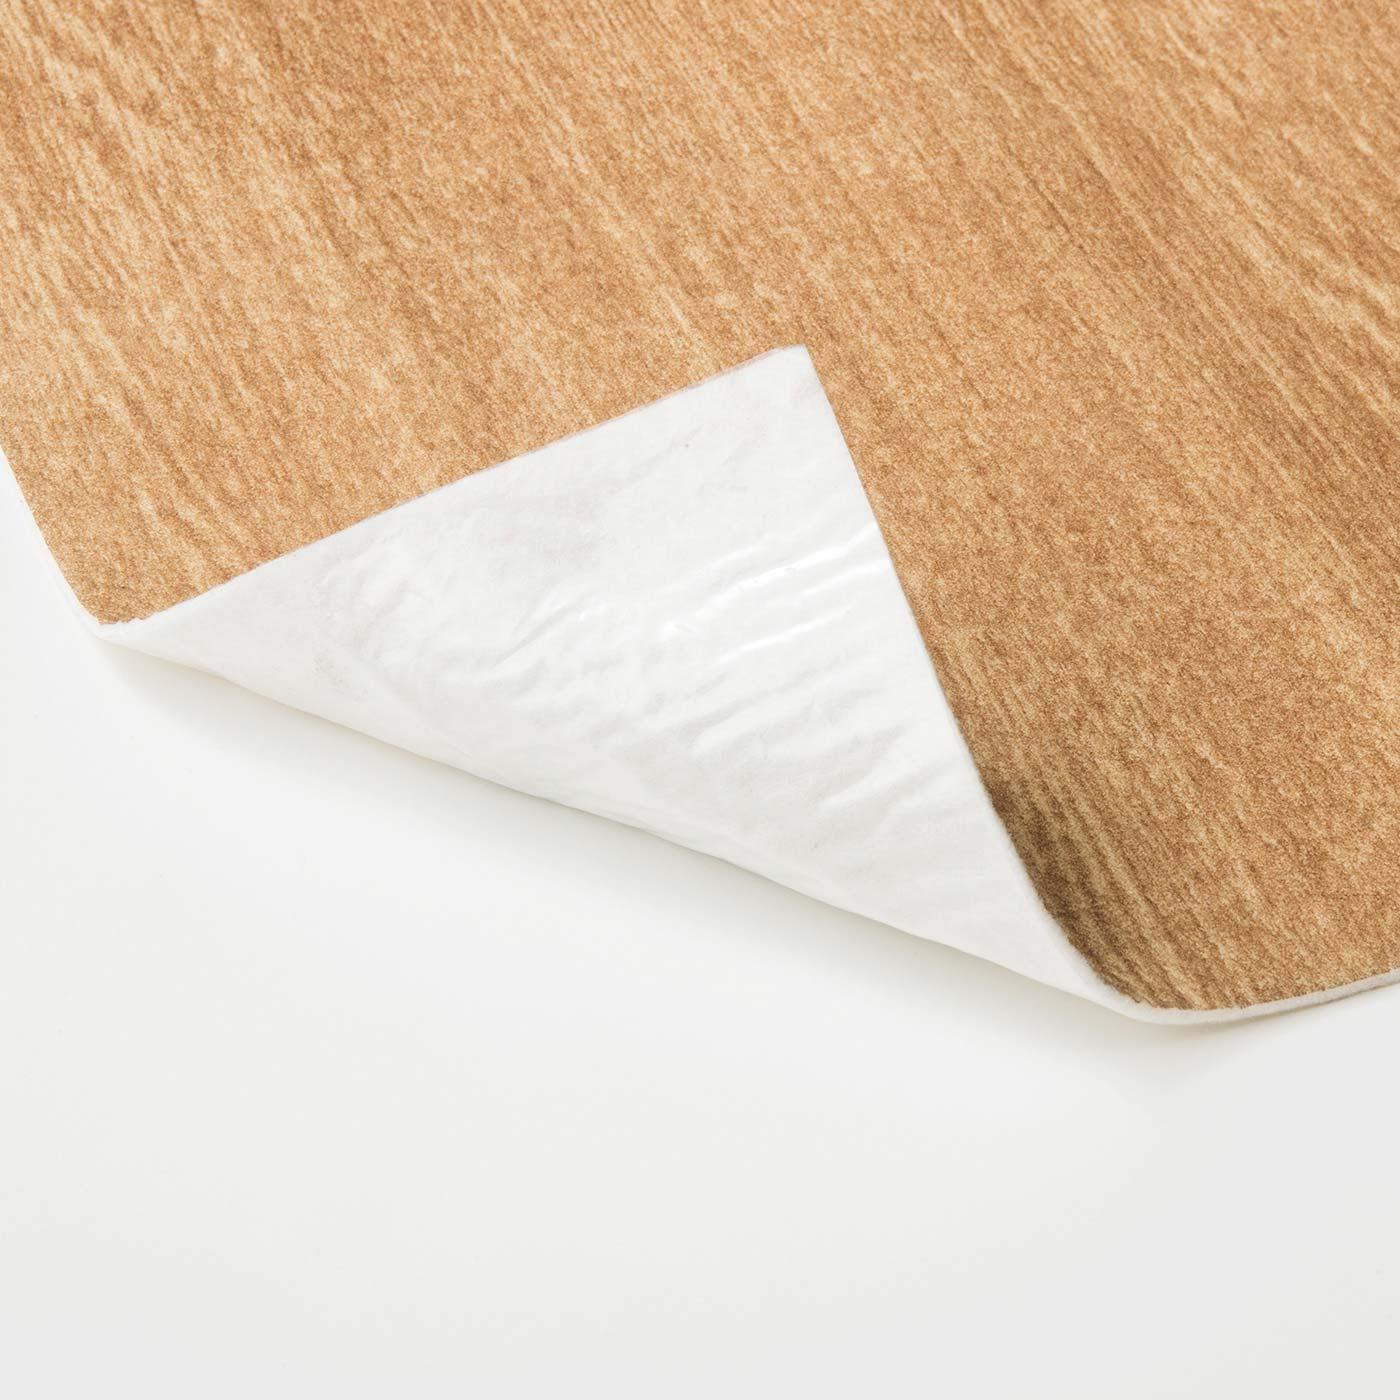 表面は吸水性のある不織布、裏面は防水フィルム。